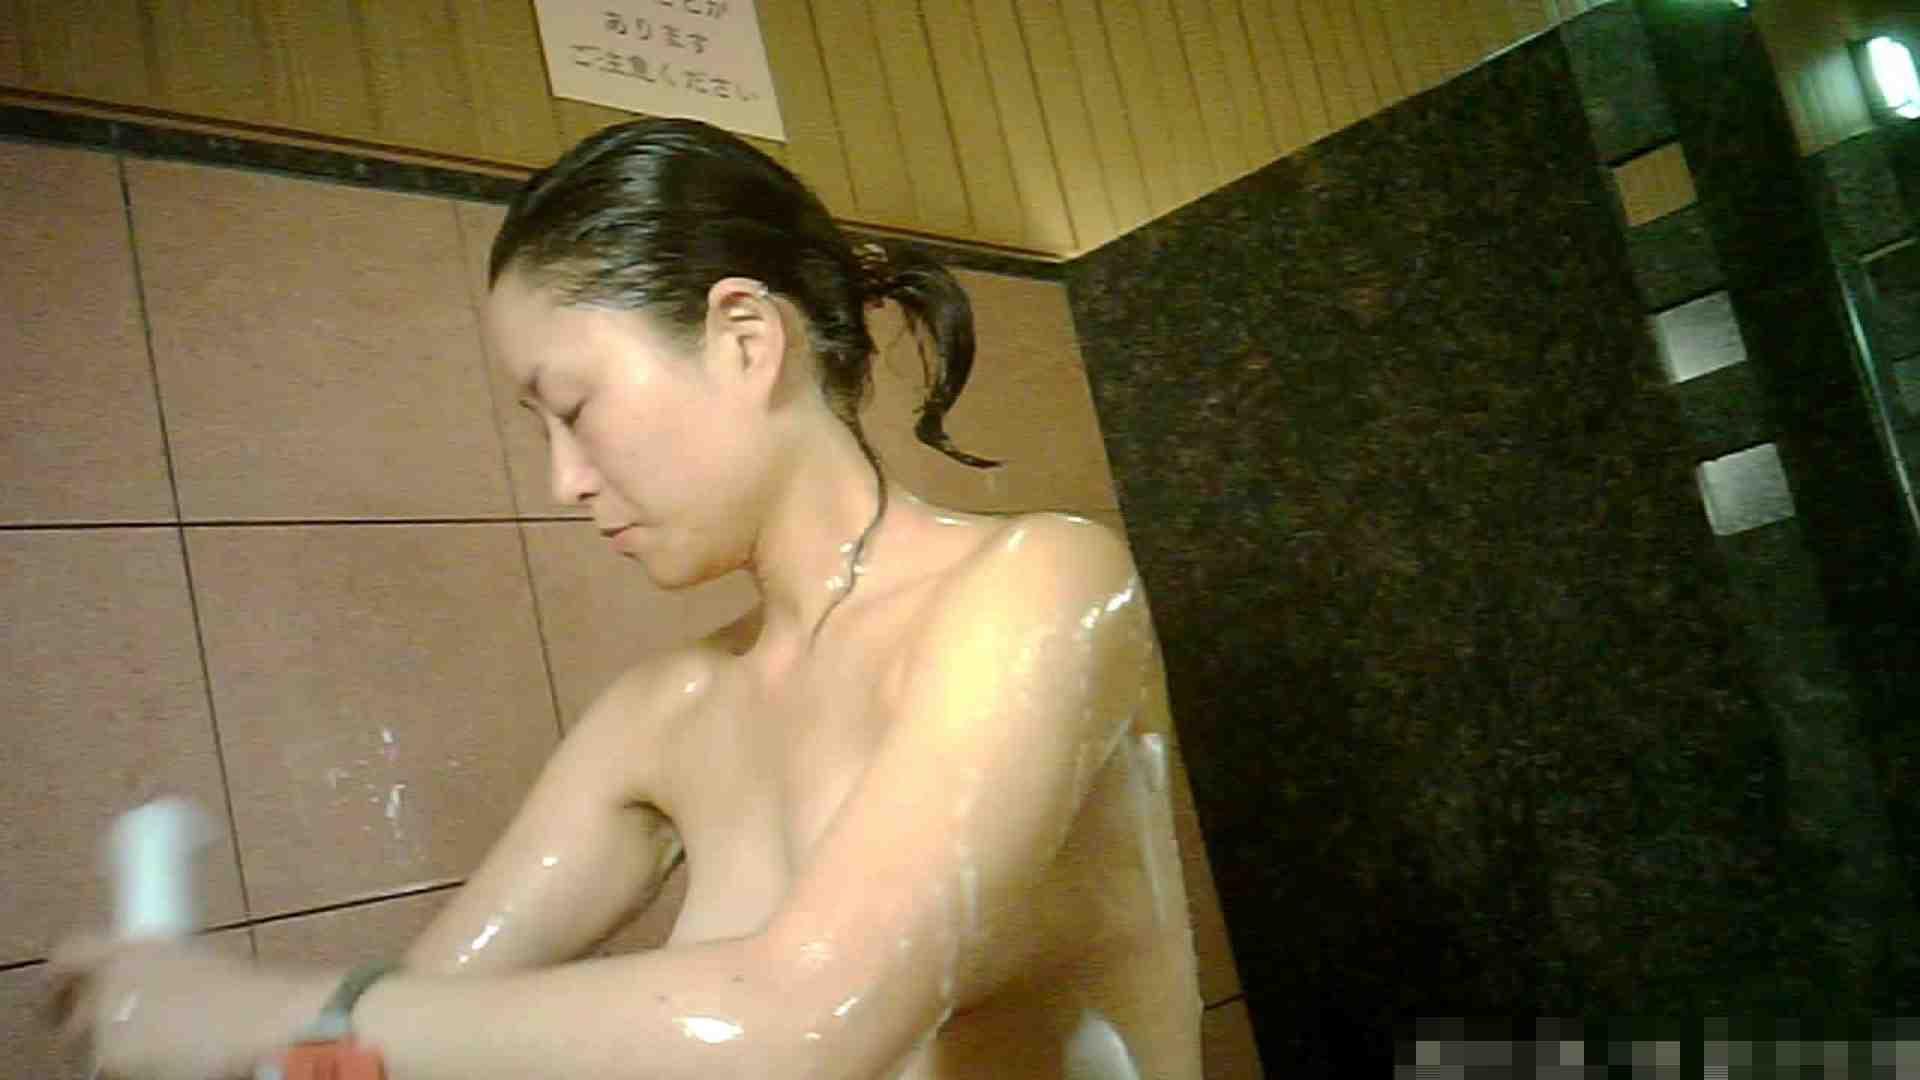 おまんこ:No.1 洗い場!!とっても綺麗な身体のお女市さん、乳首も綺麗です。:怪盗ジョーカー